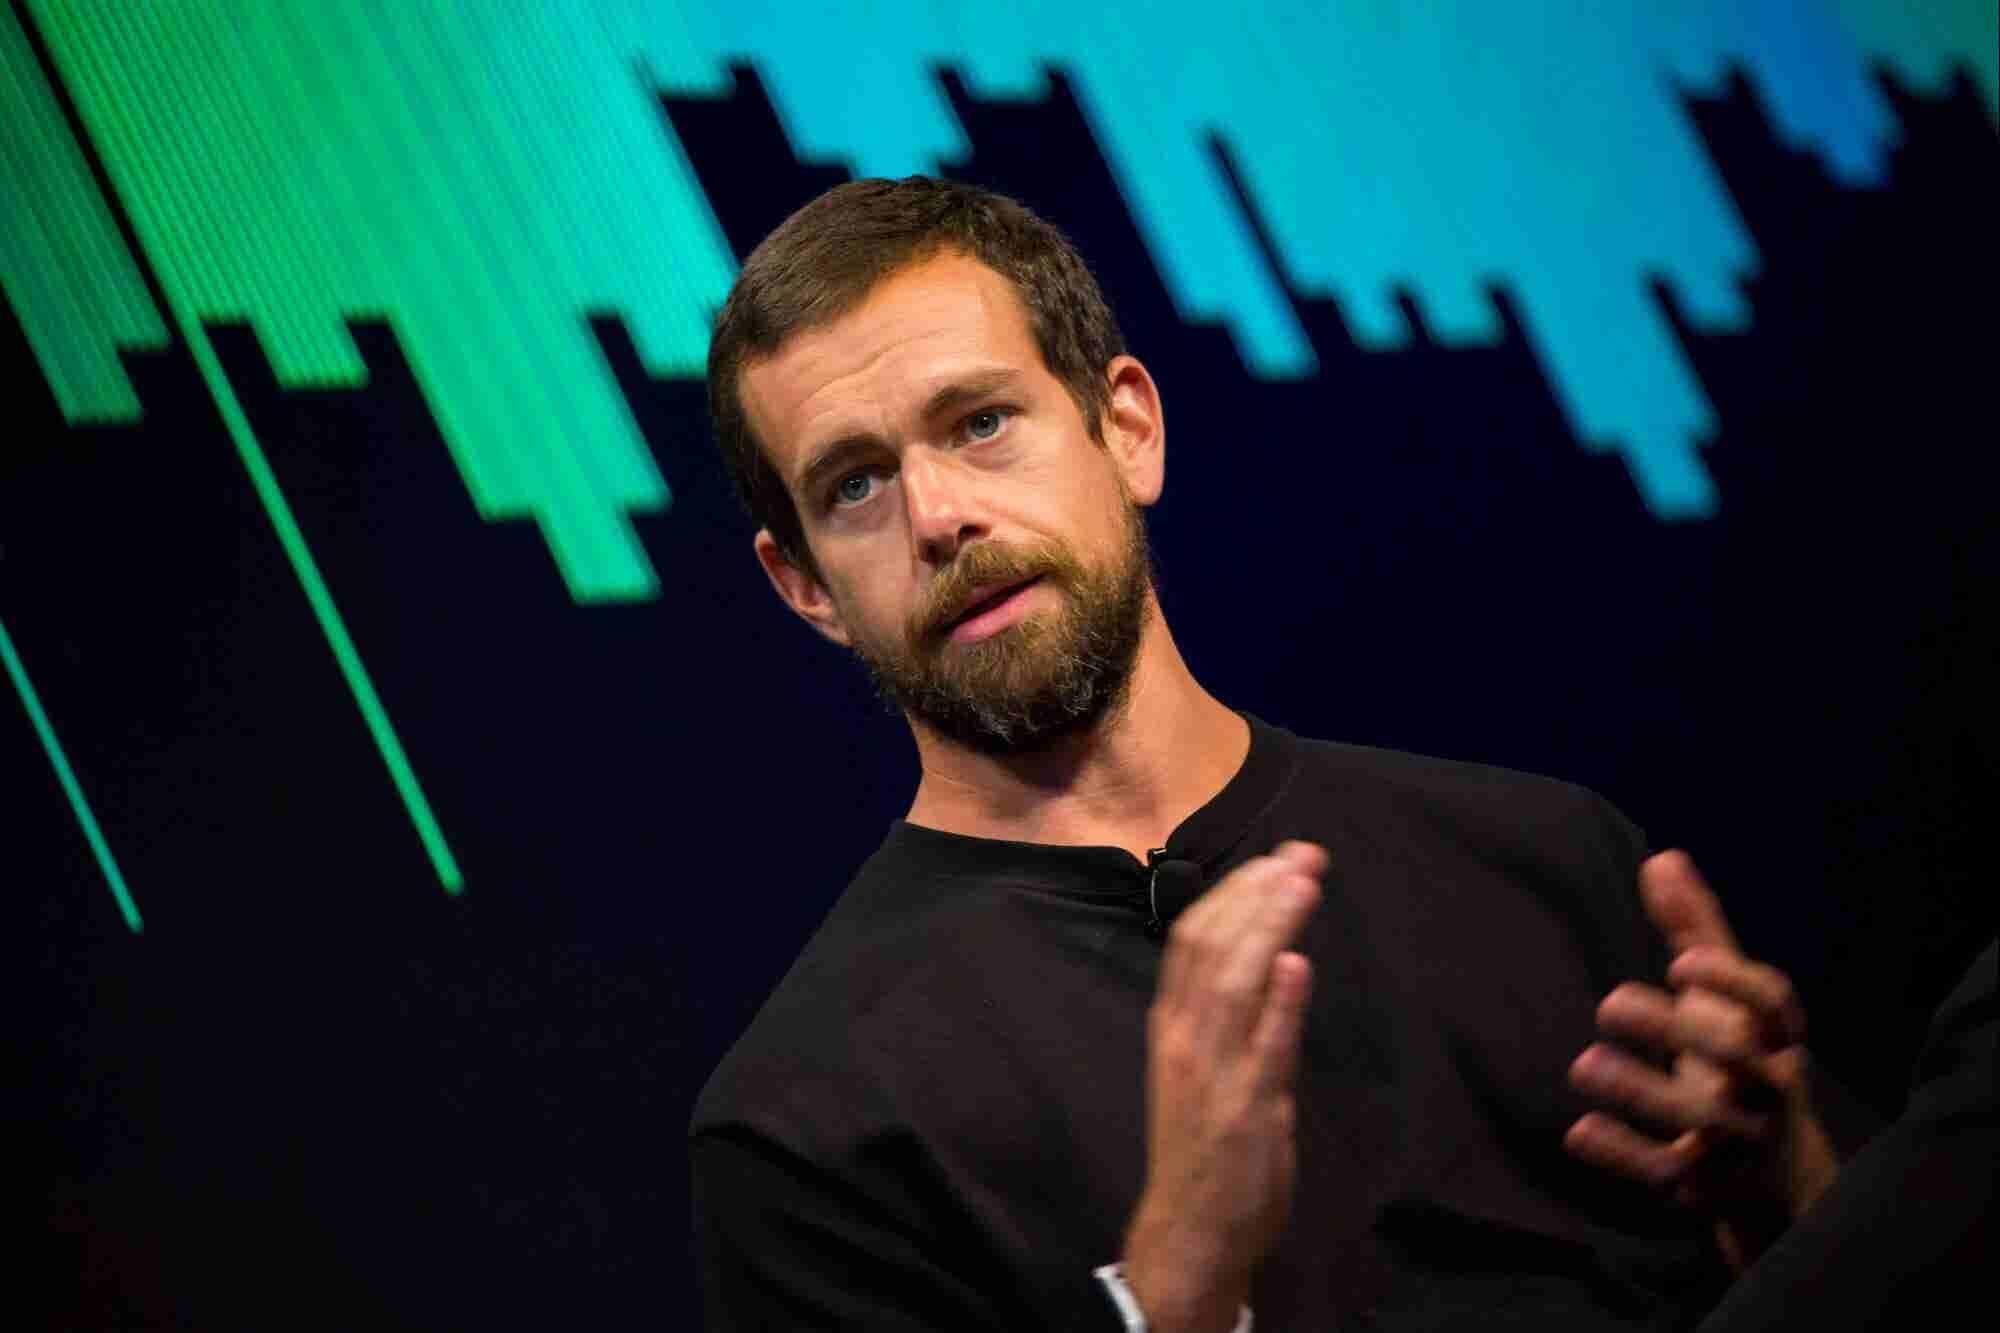 Por qué el salario del cofundador de Twitter es de solo un dólar y 40 centavos